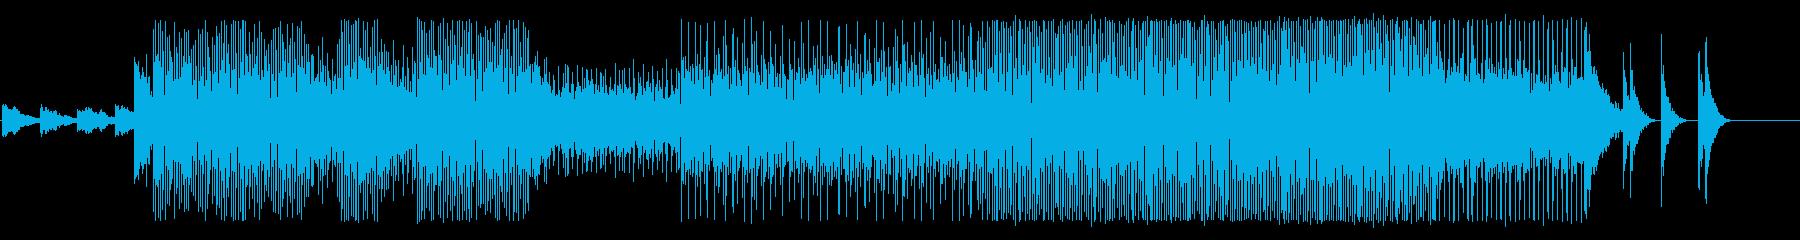 魔物に追われる様な恐怖のサウンドの再生済みの波形